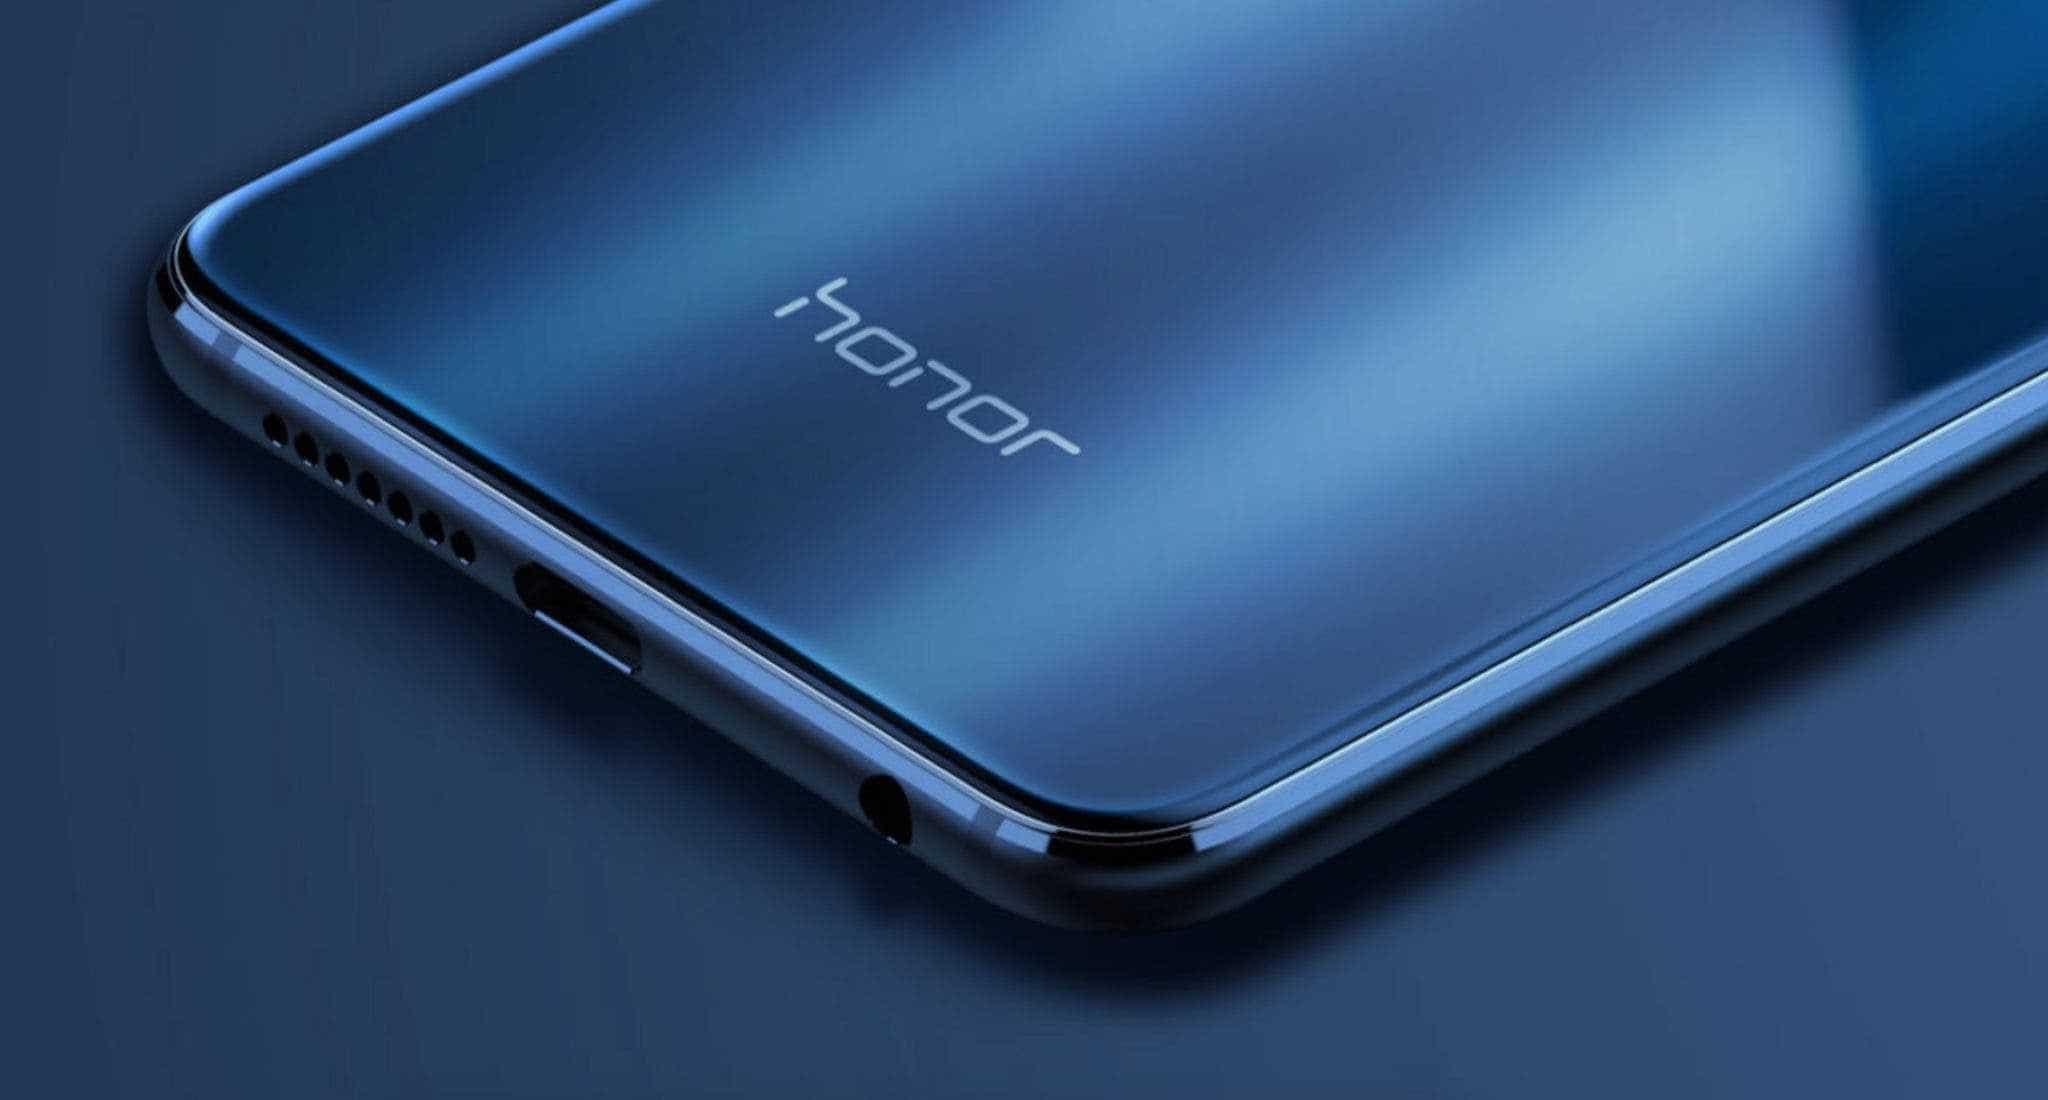 گوشی هوشمند شرکت آنر (Honor ) - چیکاو